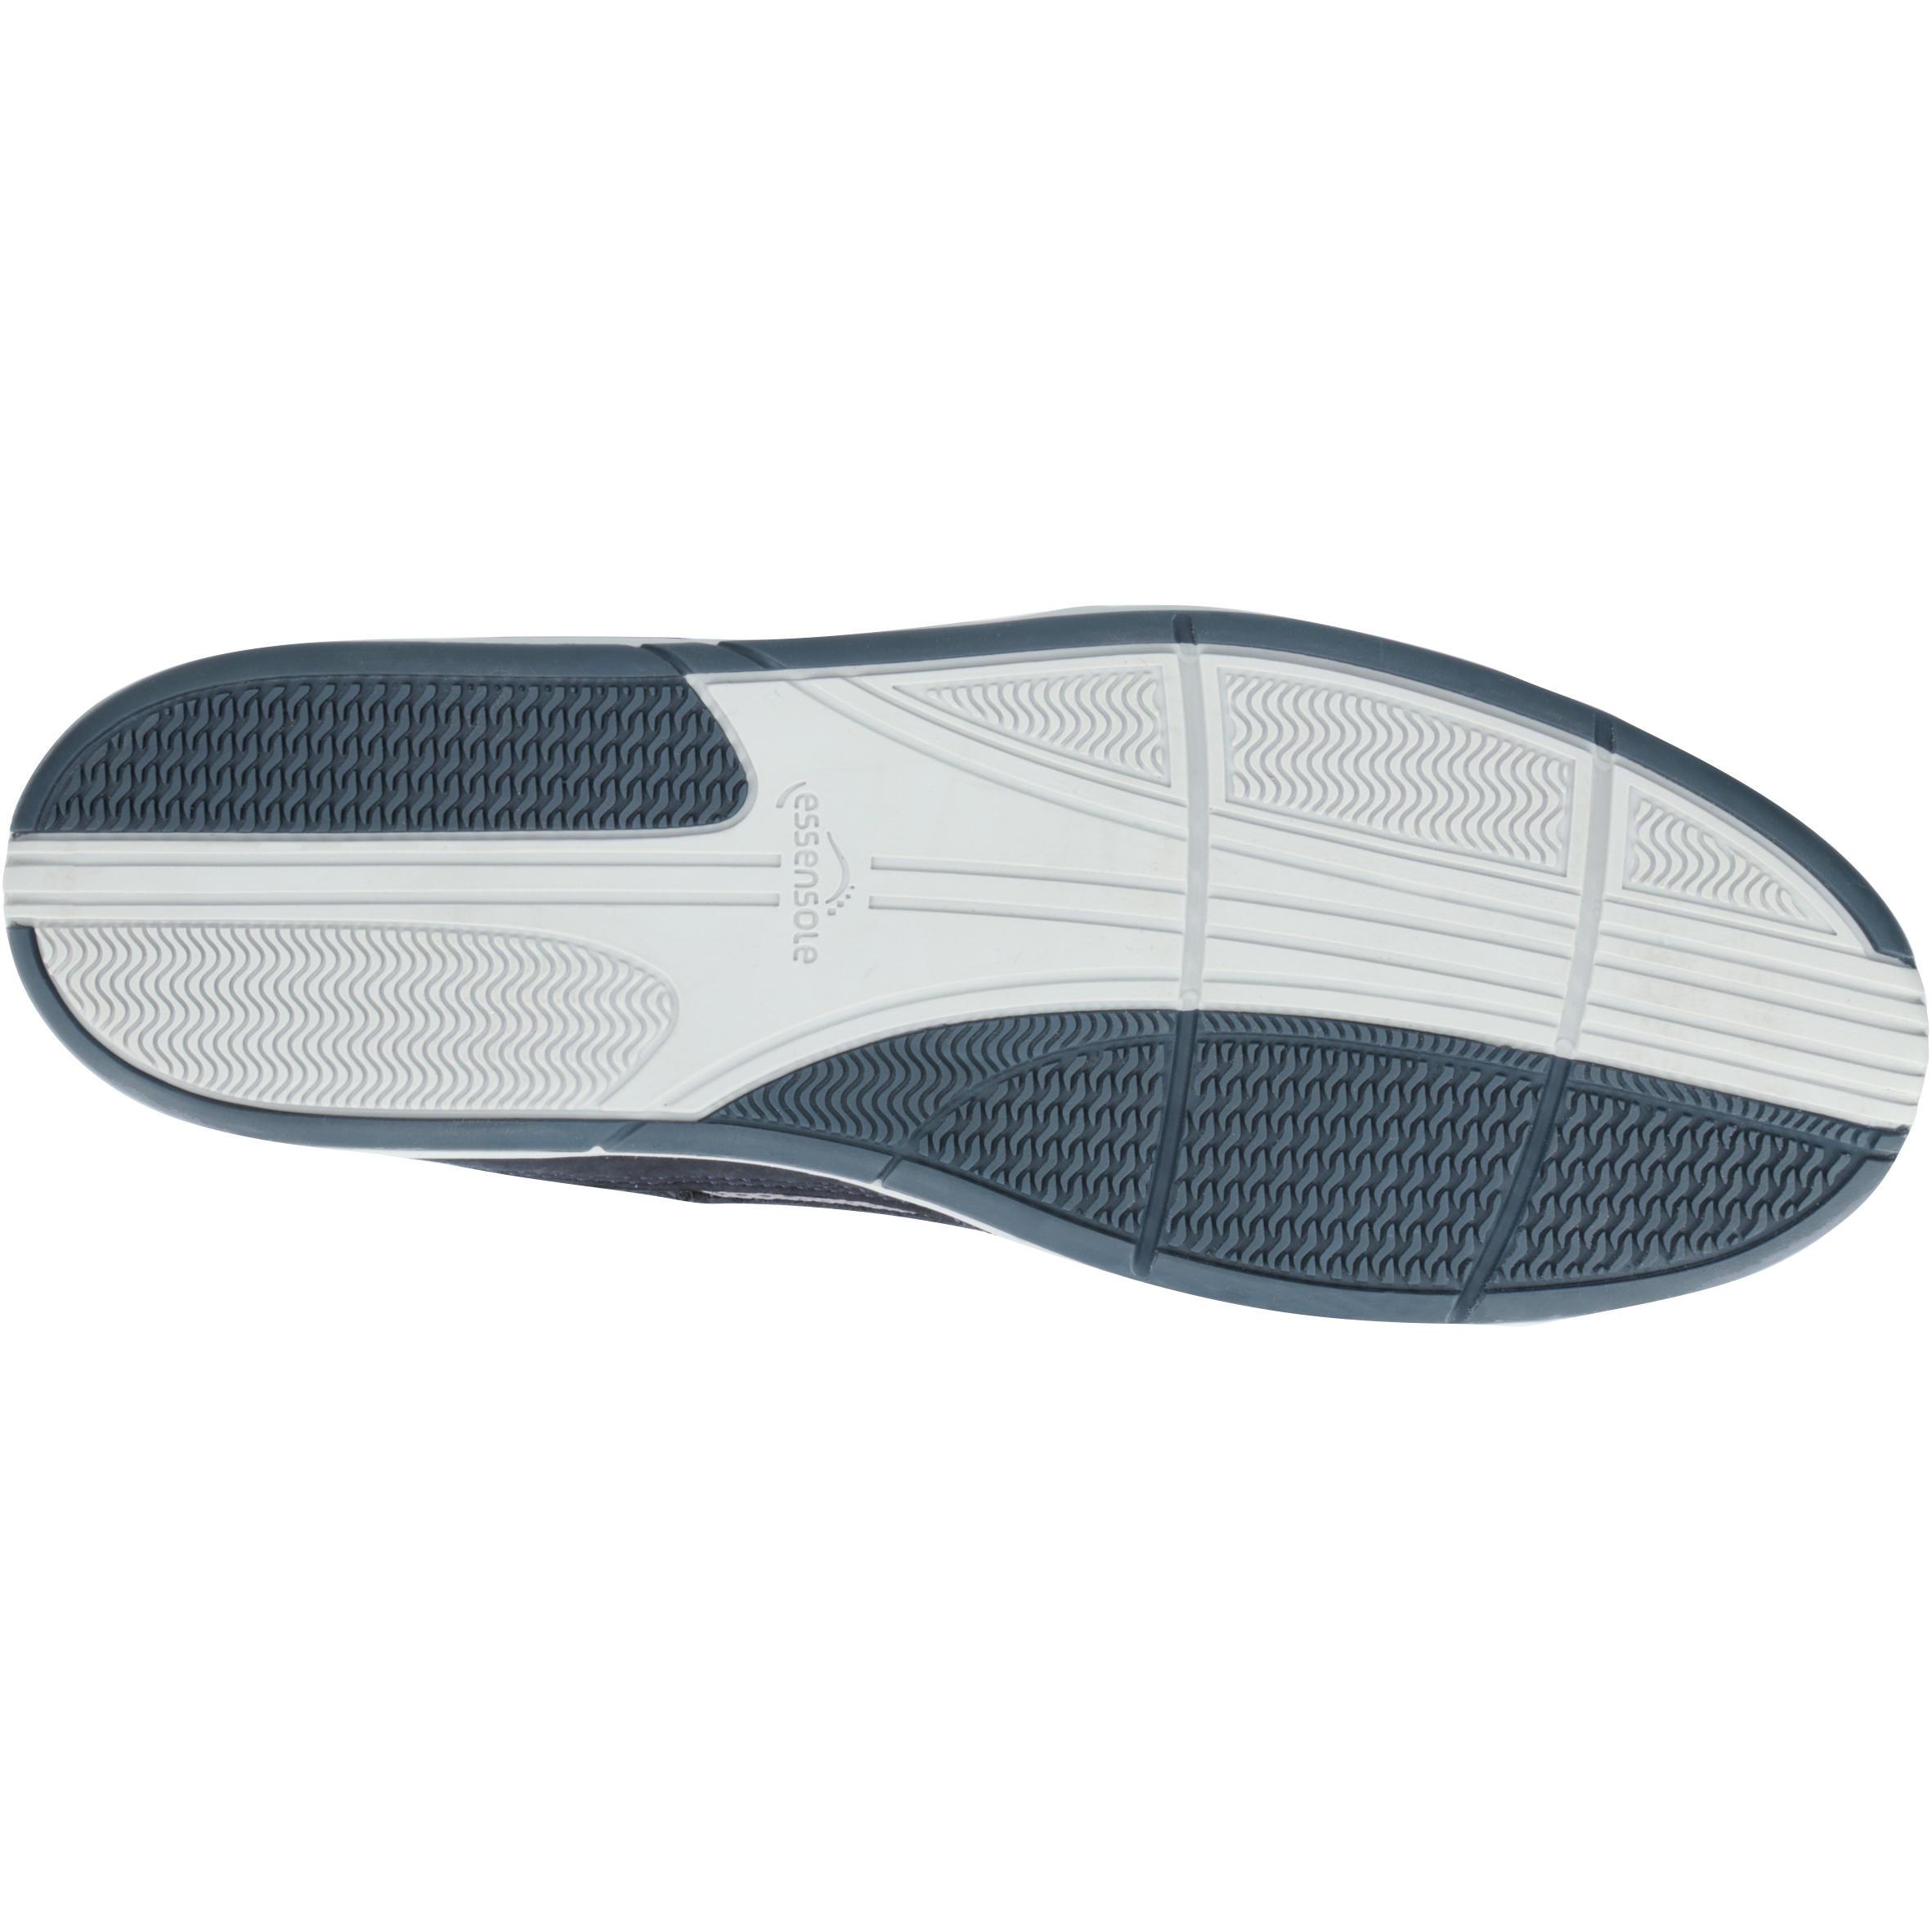 Clipper Homme Cuir Tribord Bateau Chaussures Decathlon qwzq1FZ f38d36768e20